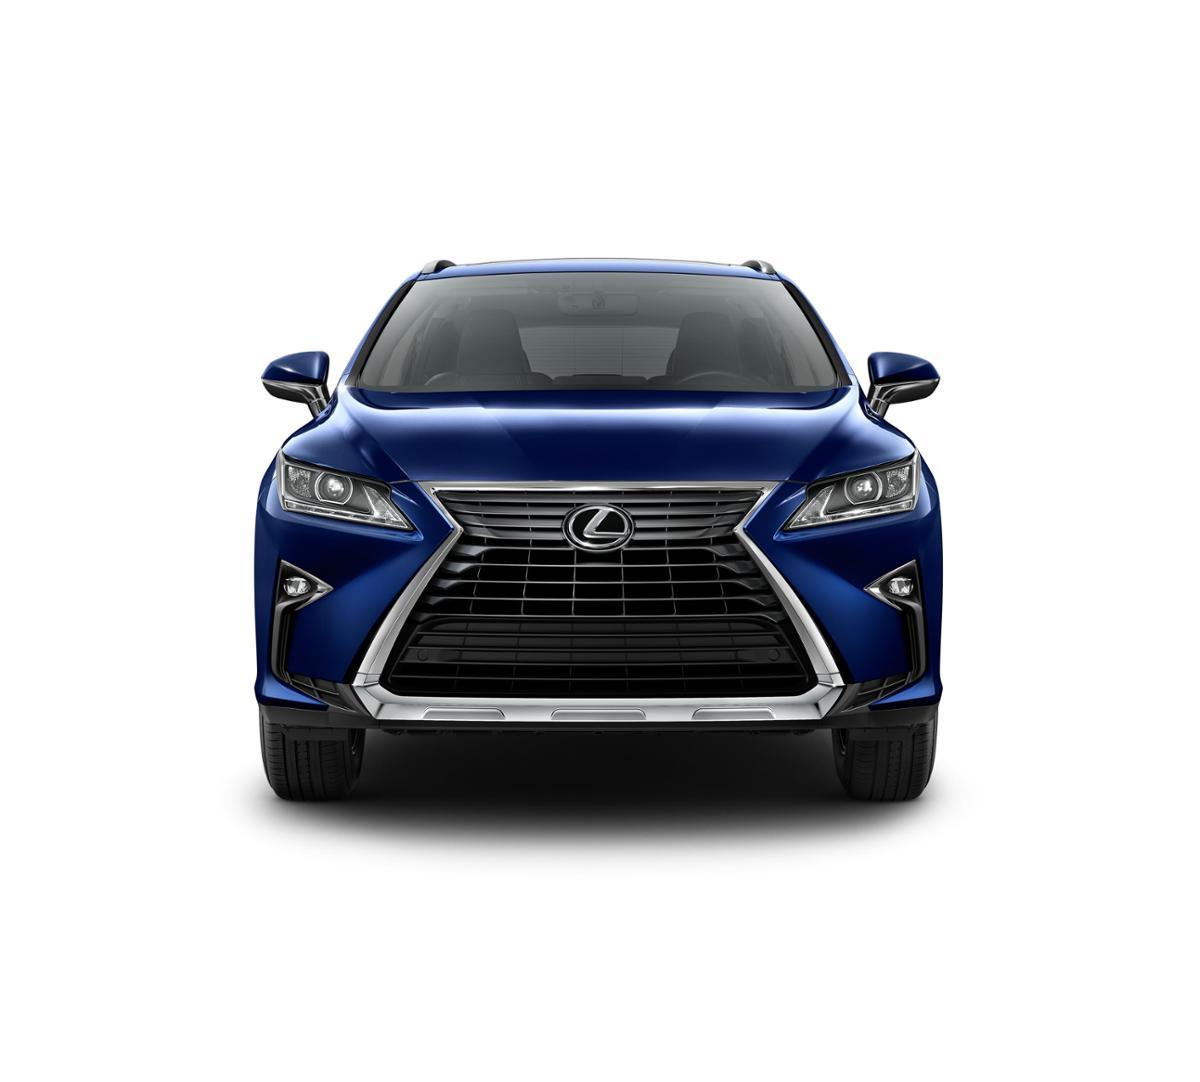 Owings Mills Lexus >> Owings Mills Nightfall Mica 2017 Lexus RX 350: New Suv for Sale -L25307